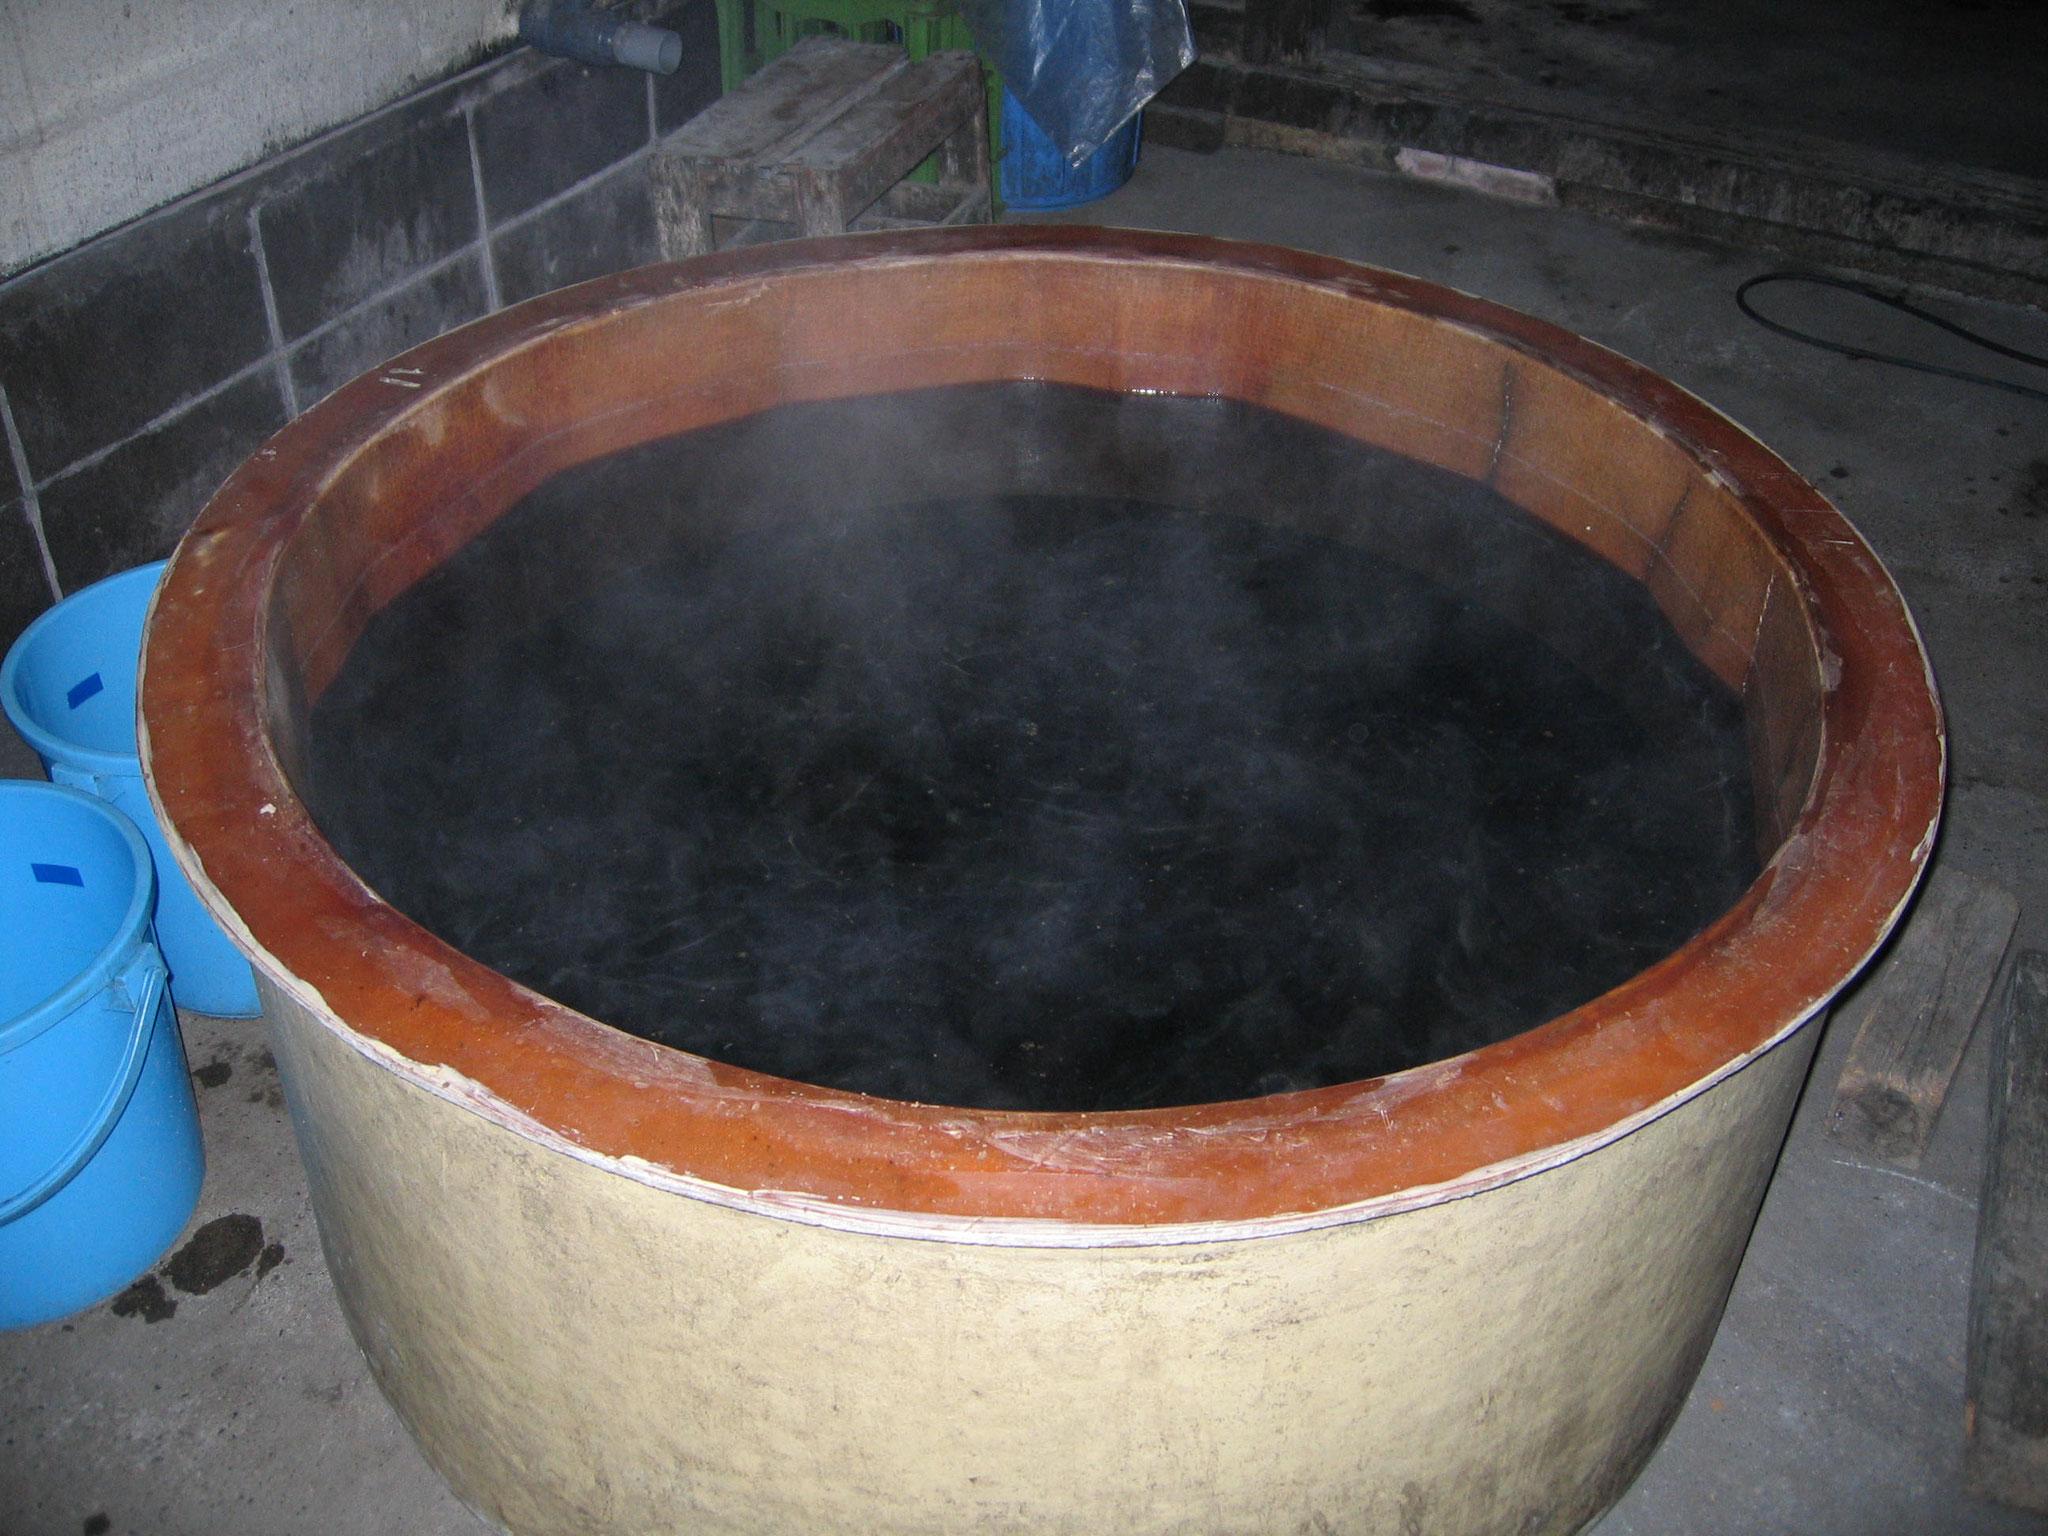 溶かすと上澄み液と酒粕が分離します。